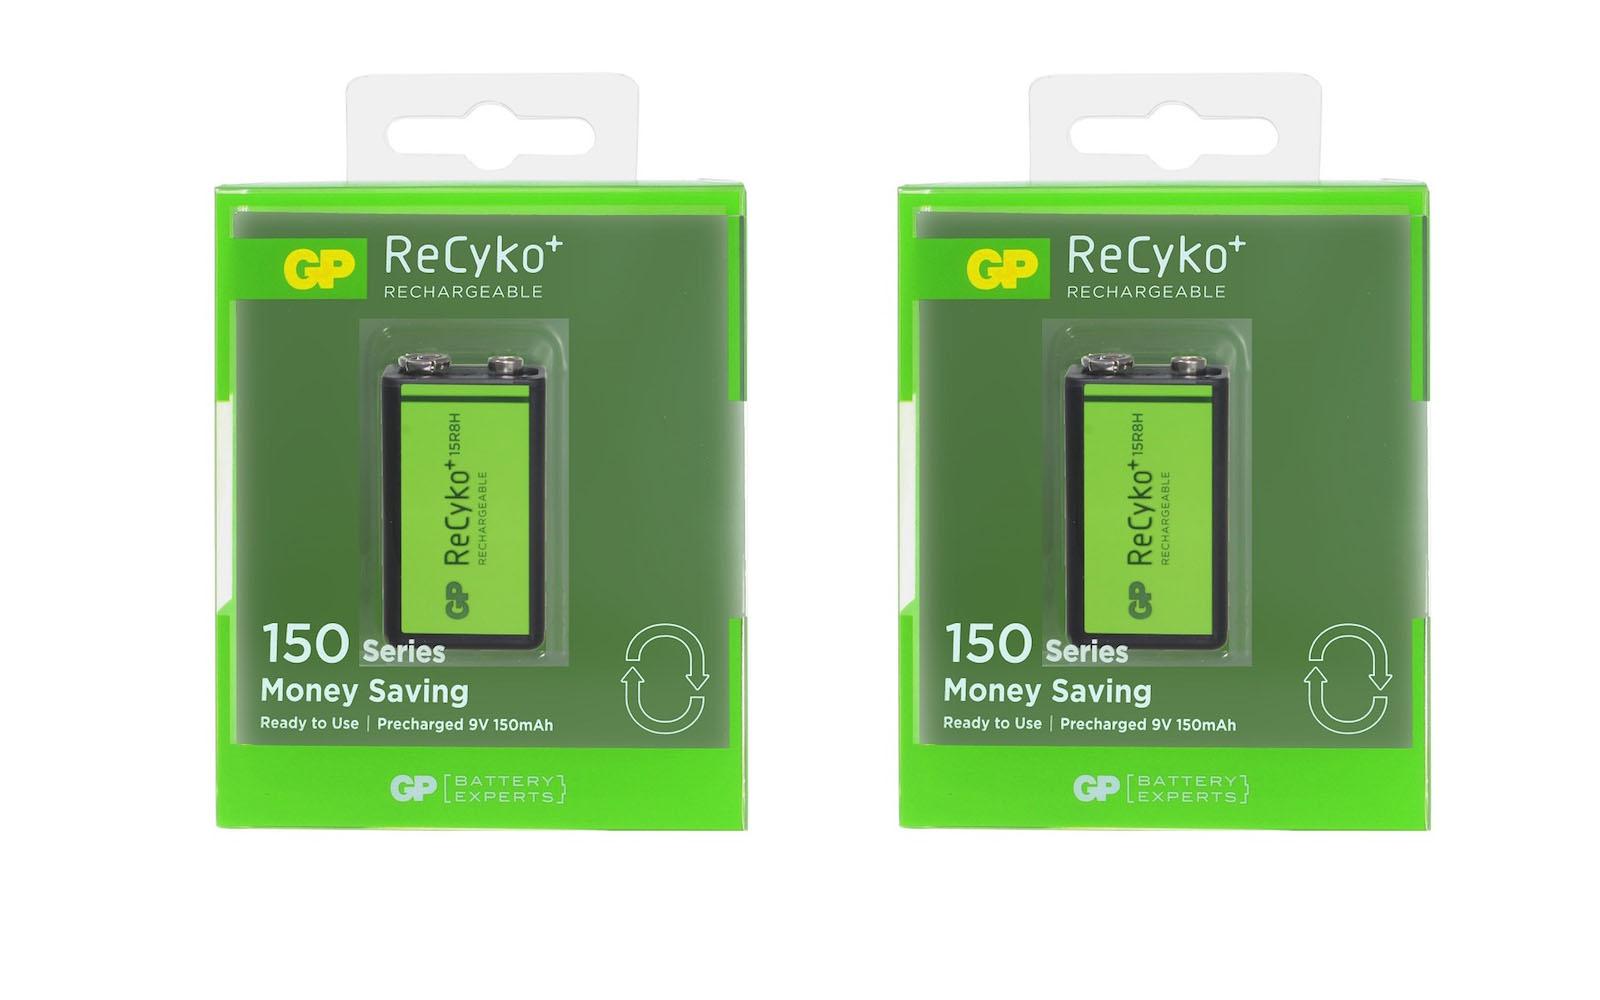 ถ่านชาร์จ GP Recyko+ ขนาด 9V(8.4V) 150 mAh จำนวน 2 ก้อน ของแท้